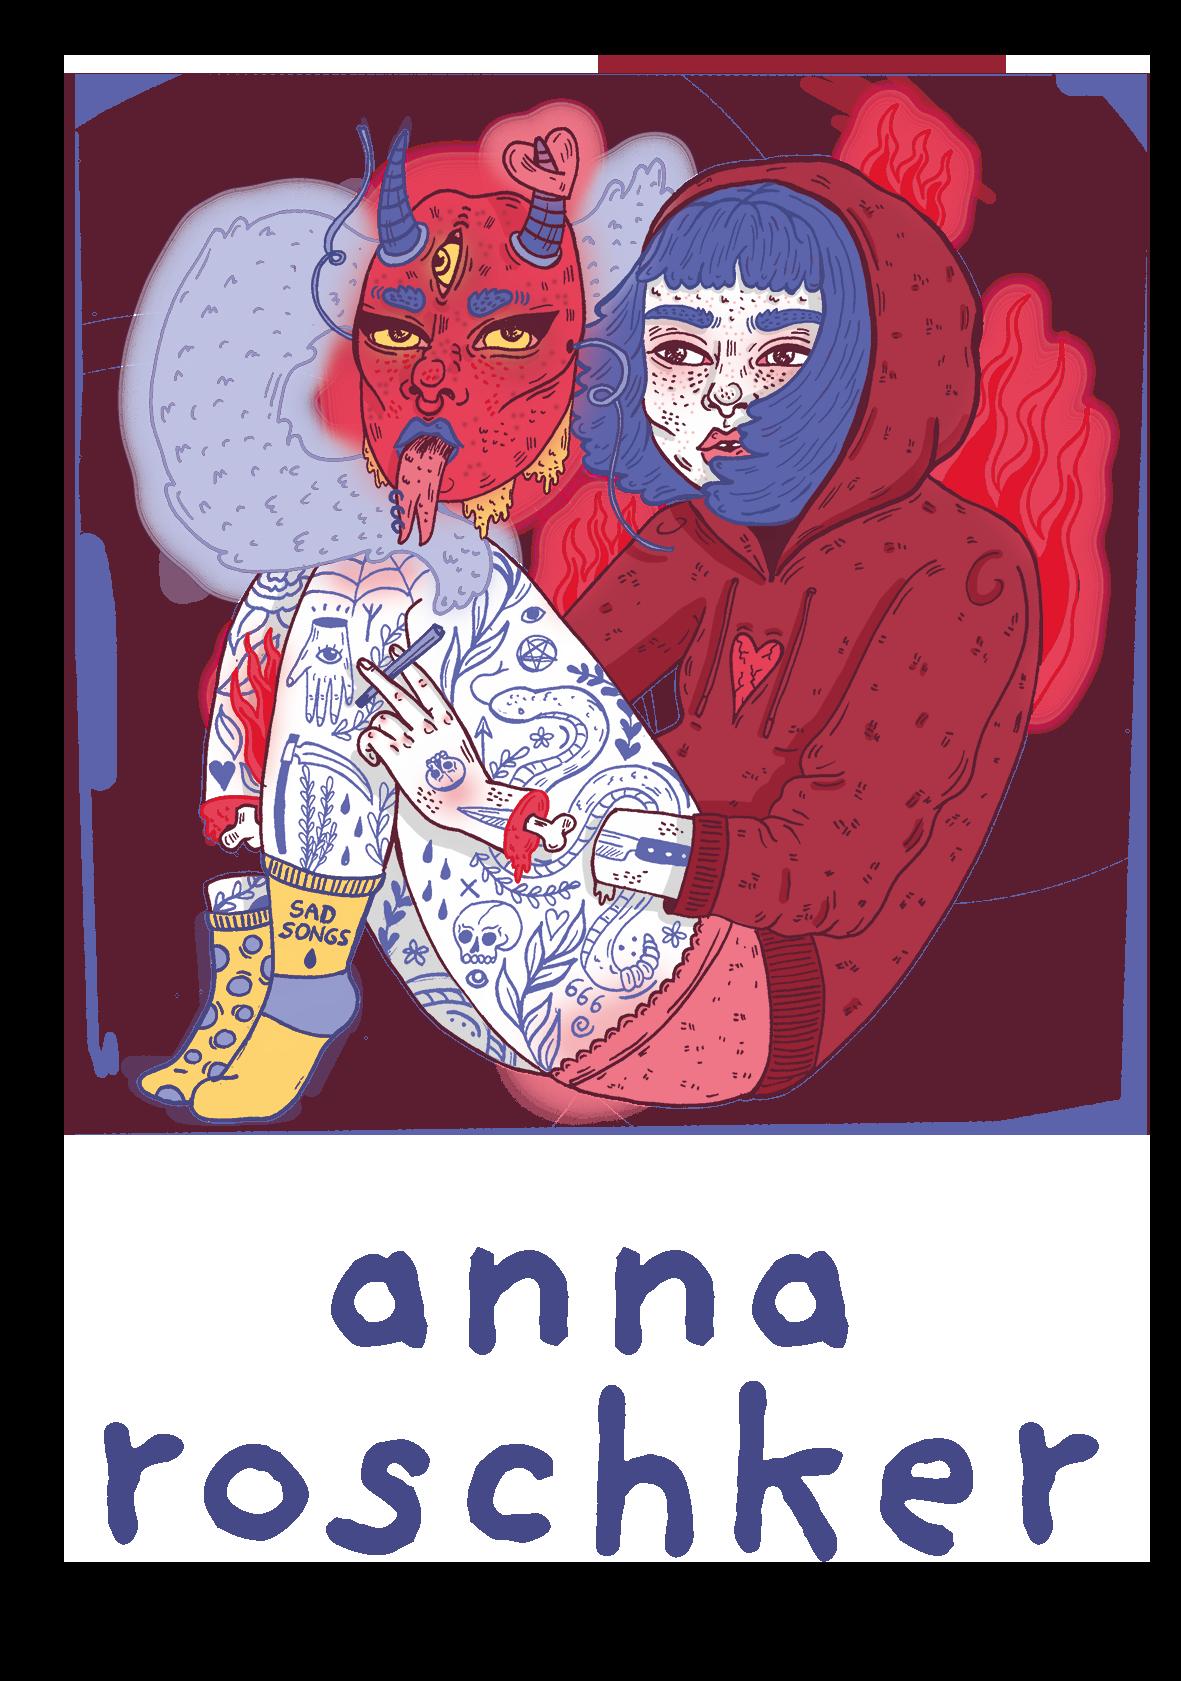 anna roschker